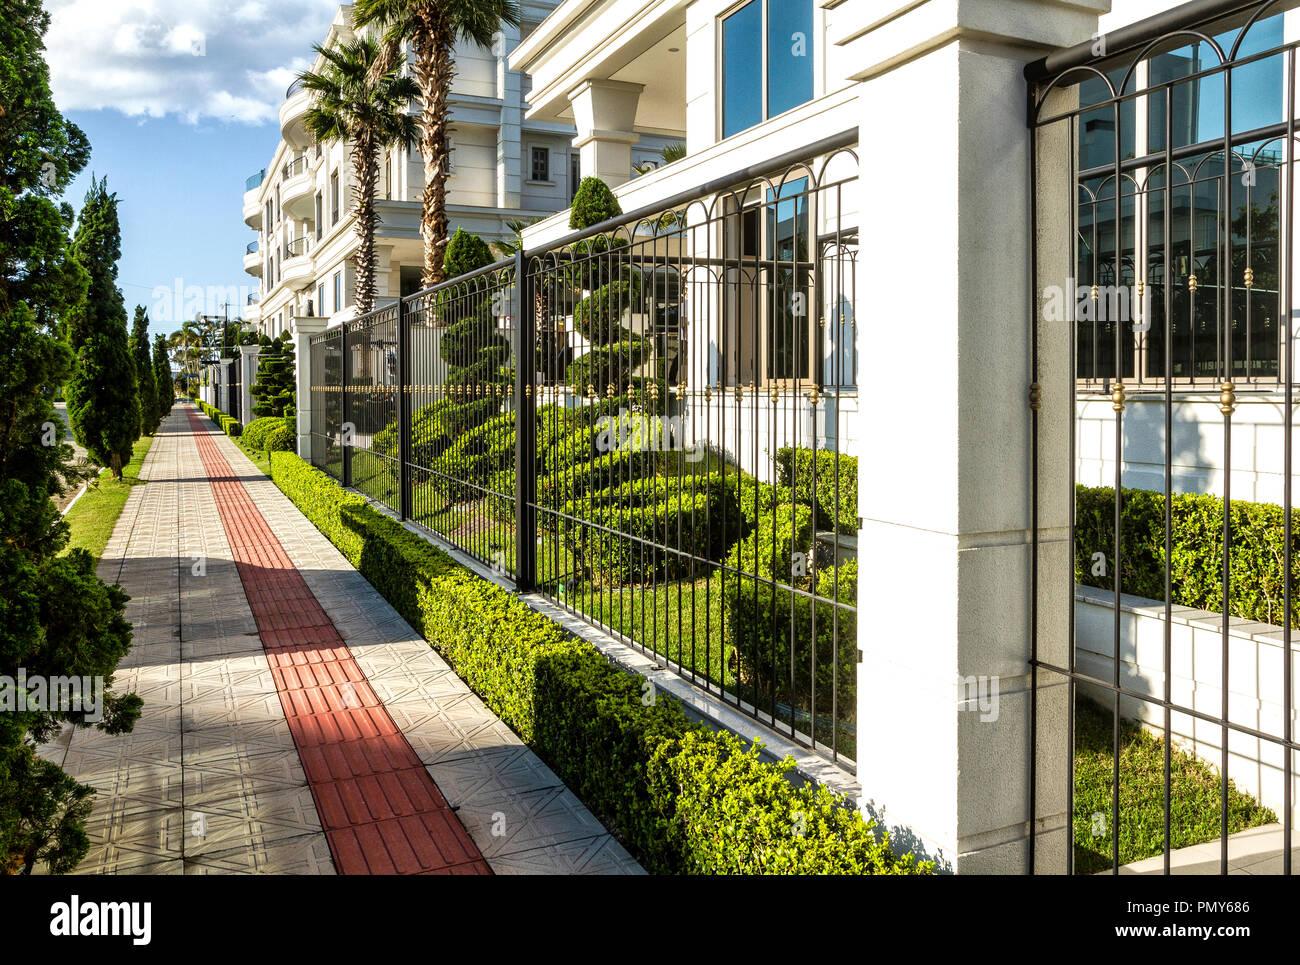 Bürgersteig in den wohlhabenden Nachbarschaft von jurere Internacional. Florianopolis, Santa Catarina, Brasilien. Stockbild